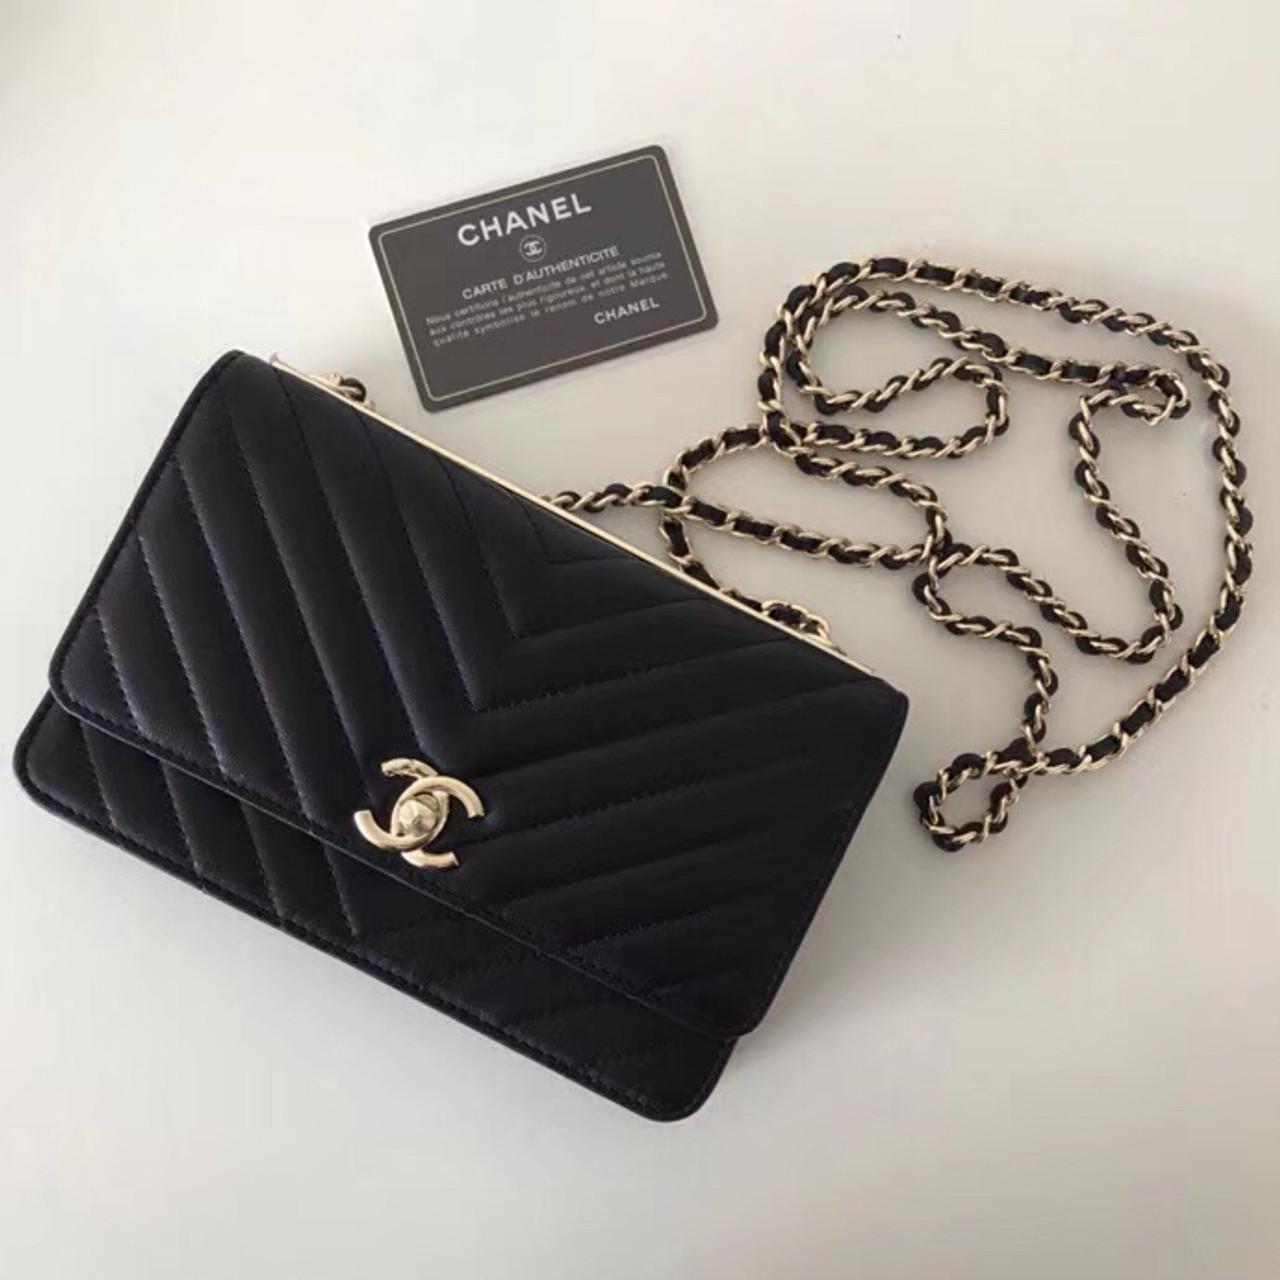 65416c001b1e87 Chanel Wallet In Chain in Black Lambskin - Bella Vita Moda